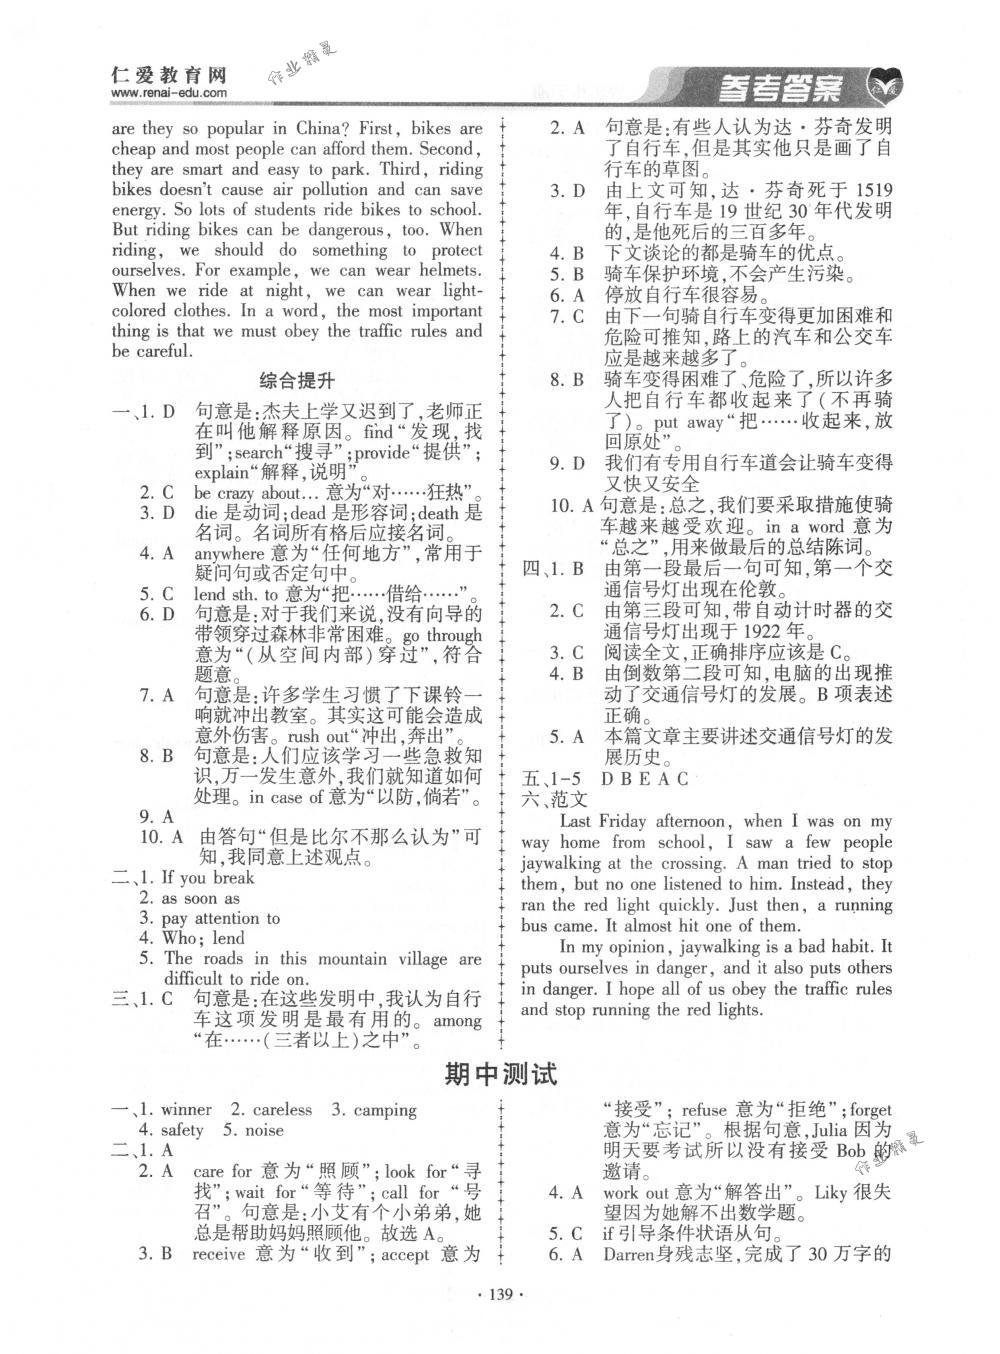 2018年仁爱英语同步练习册八年级英语下册仁爱版第14页